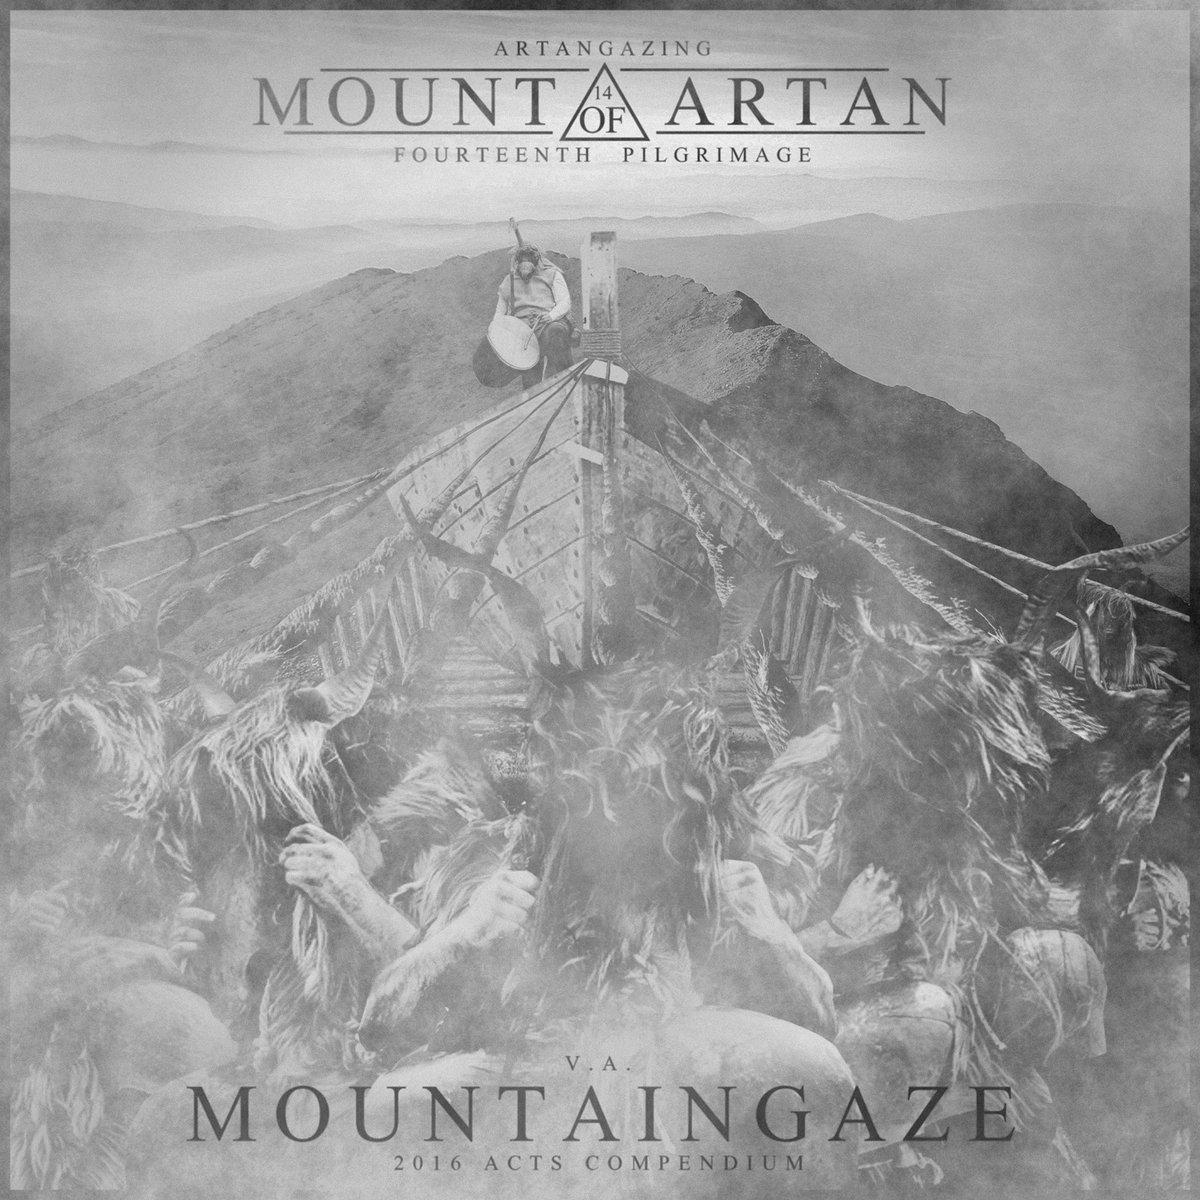 Mountaingaze XIV